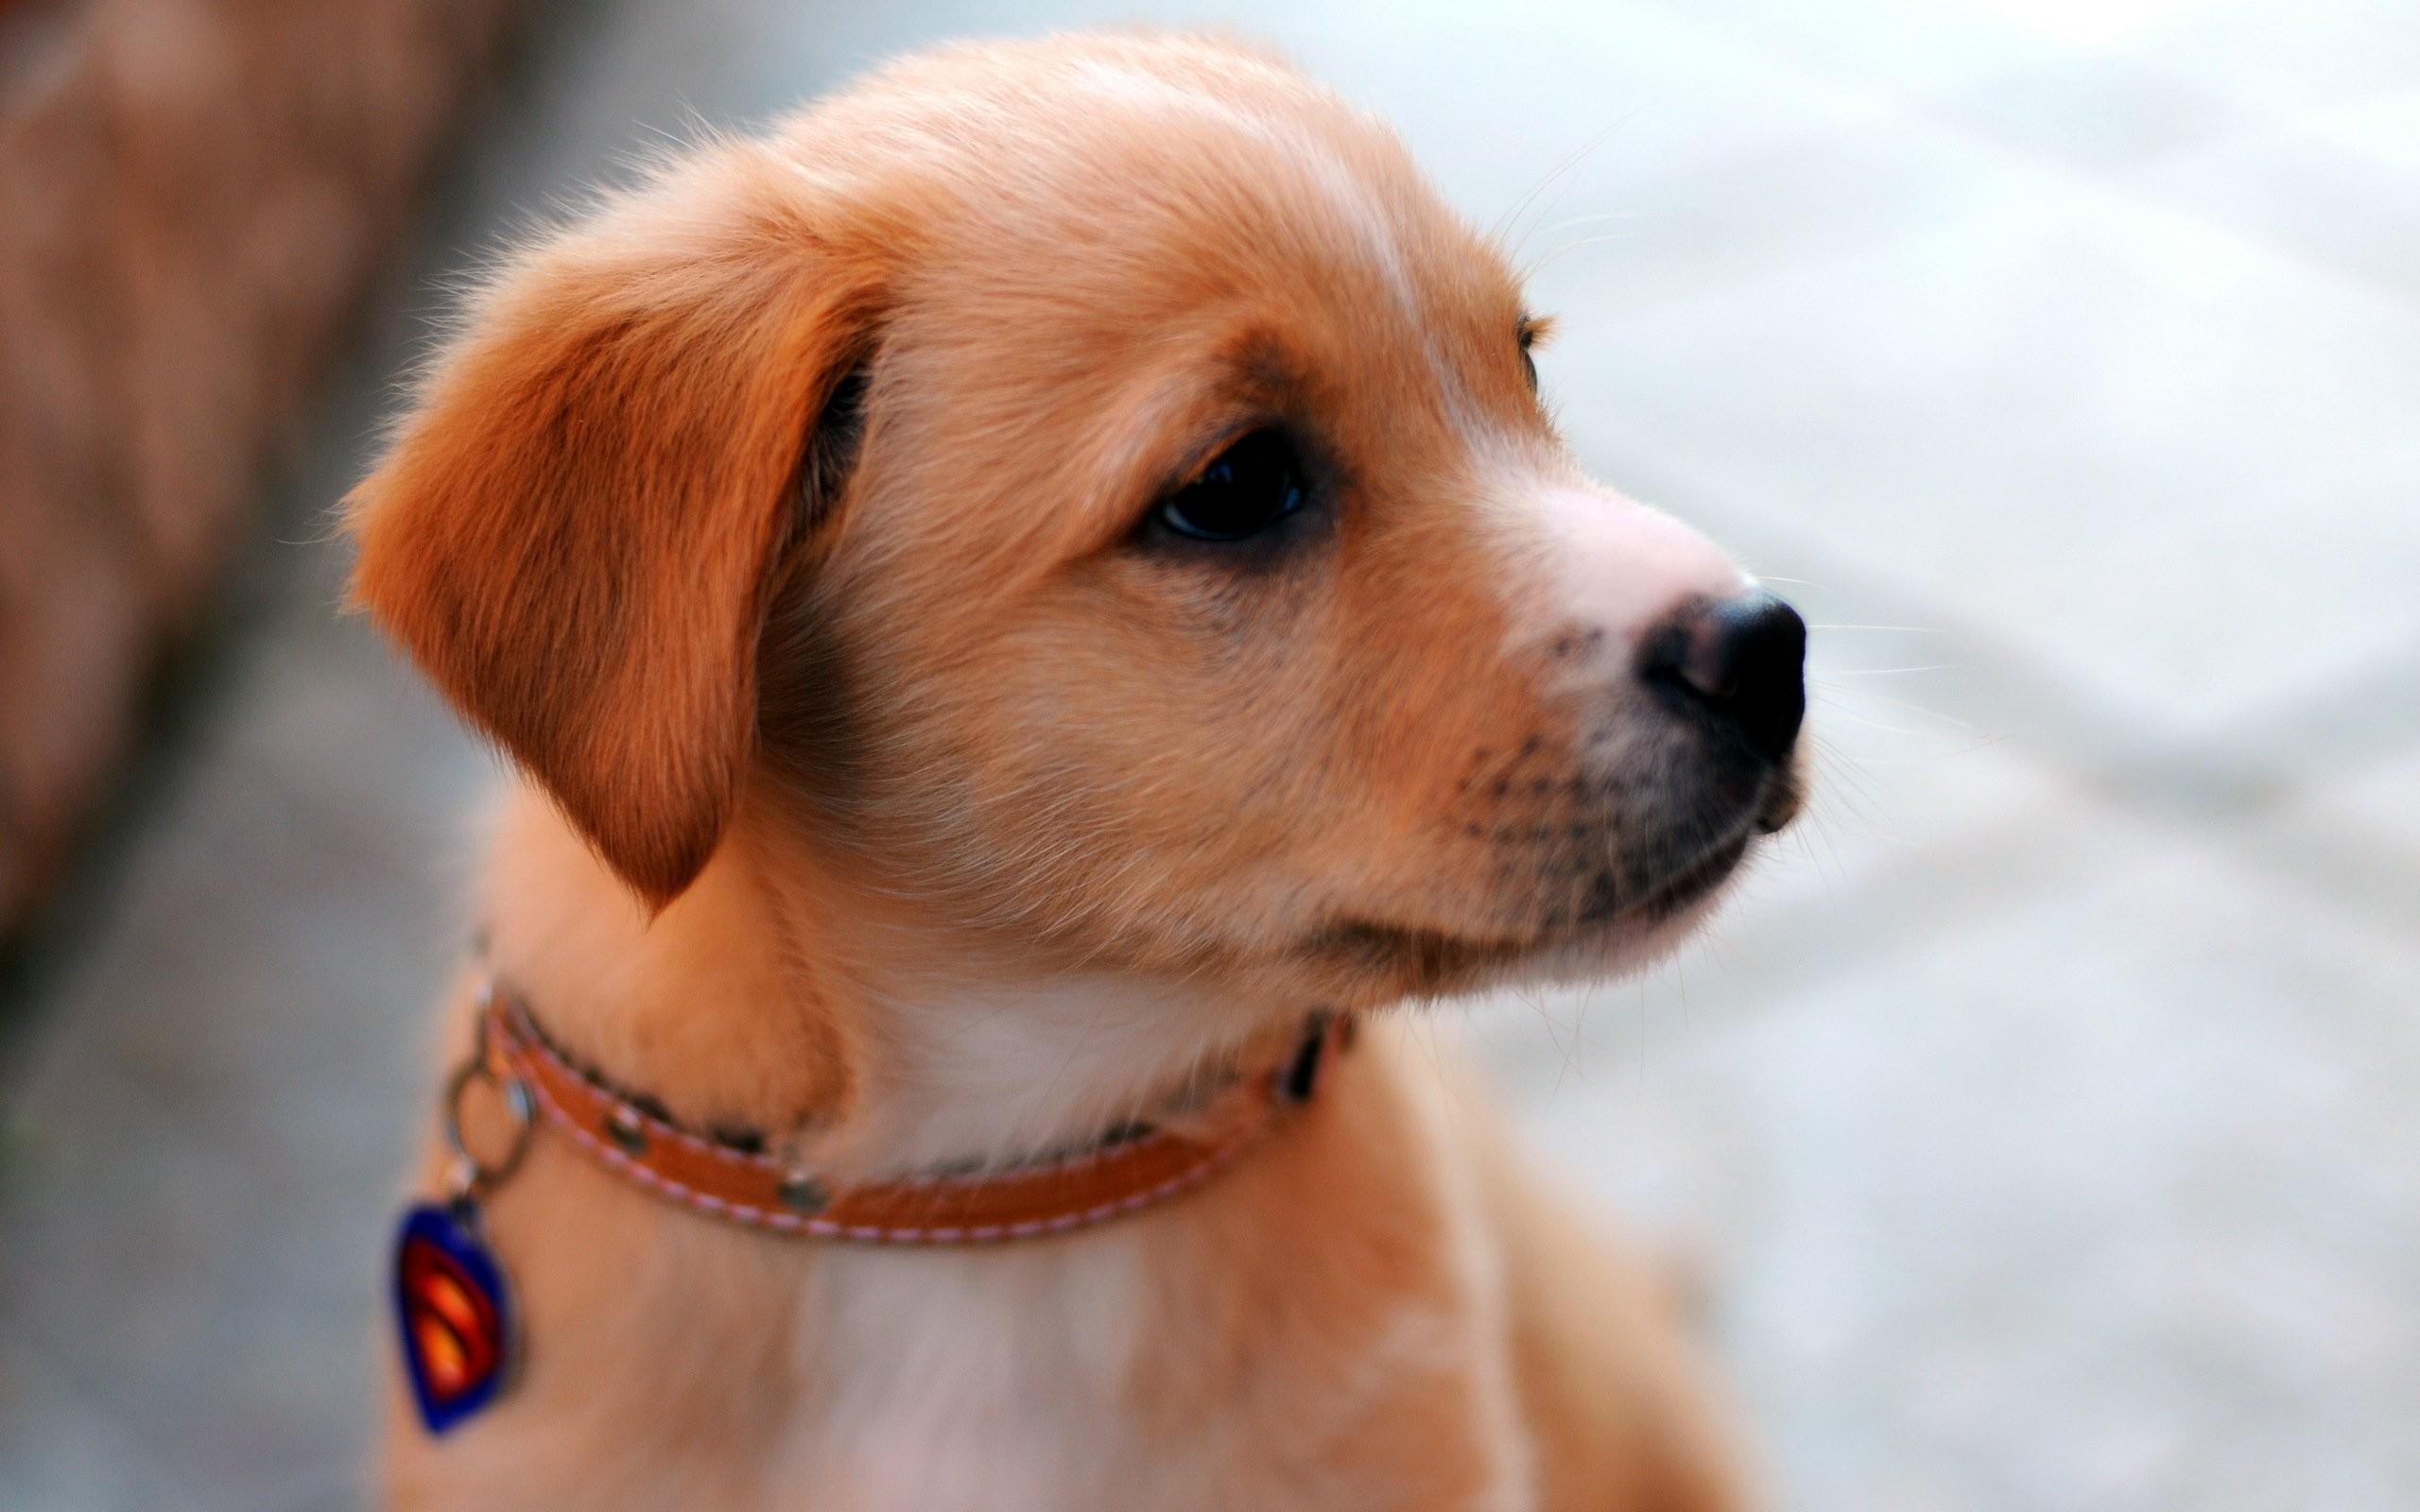 Beautiful Cute Dog High Resolution Wallpaper Desktop 2560x1600